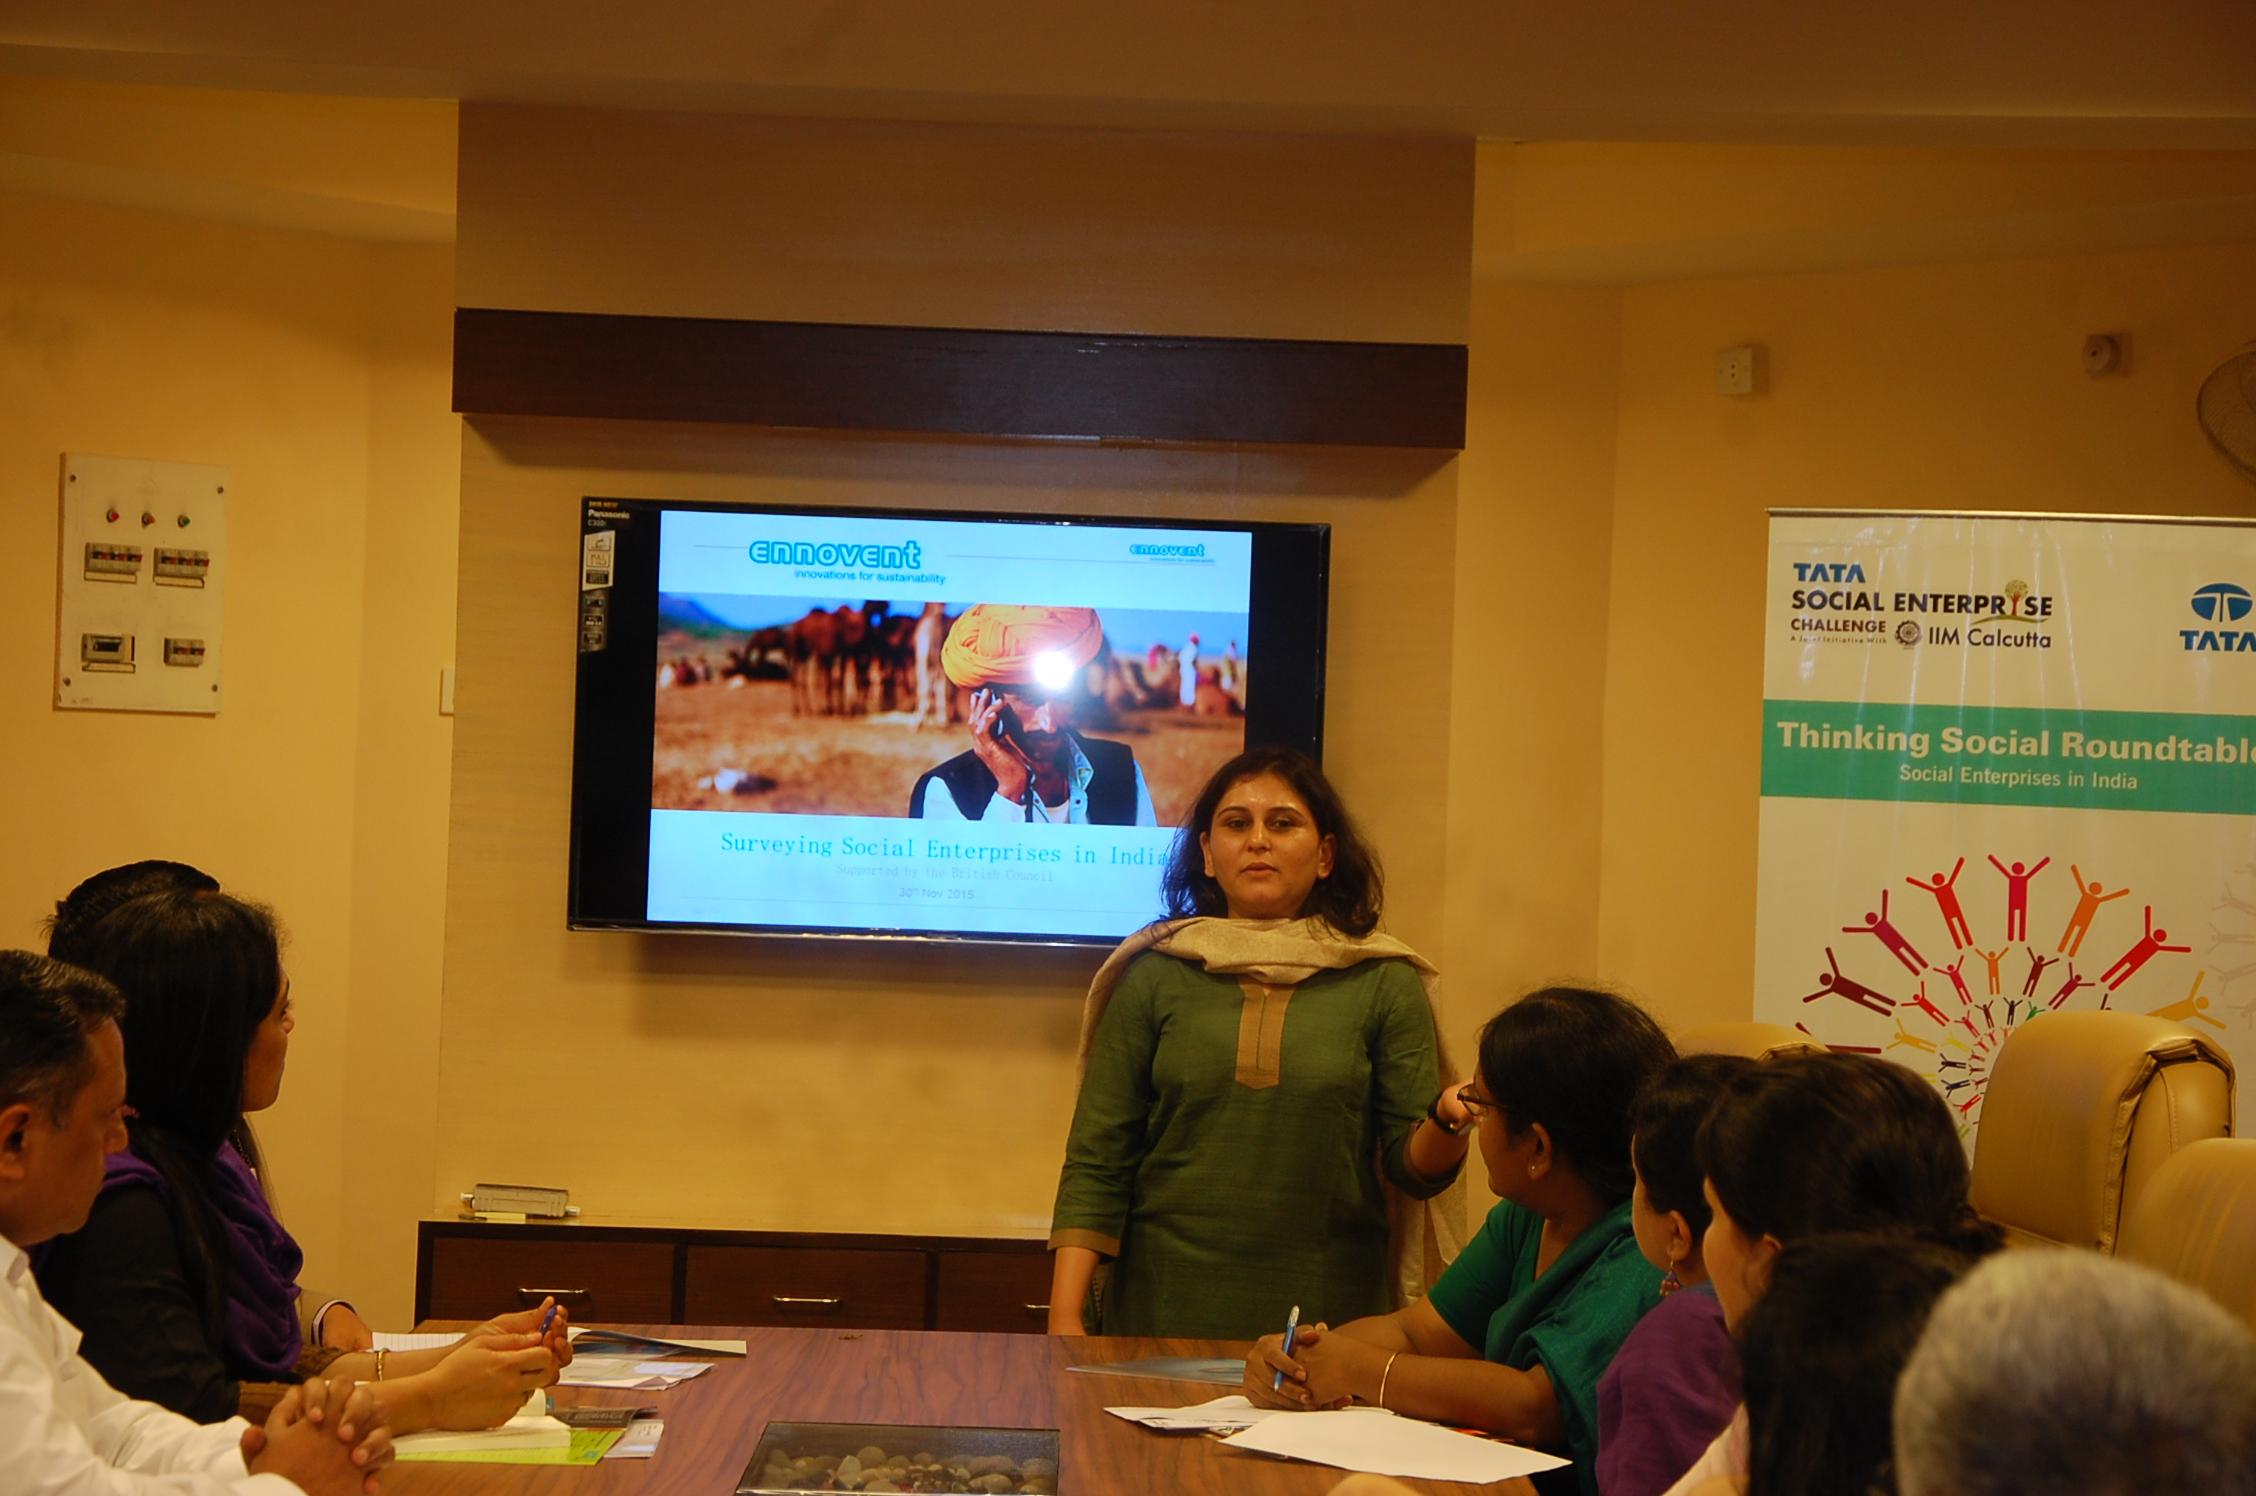 Thinking Social Roundtable – Kolkata